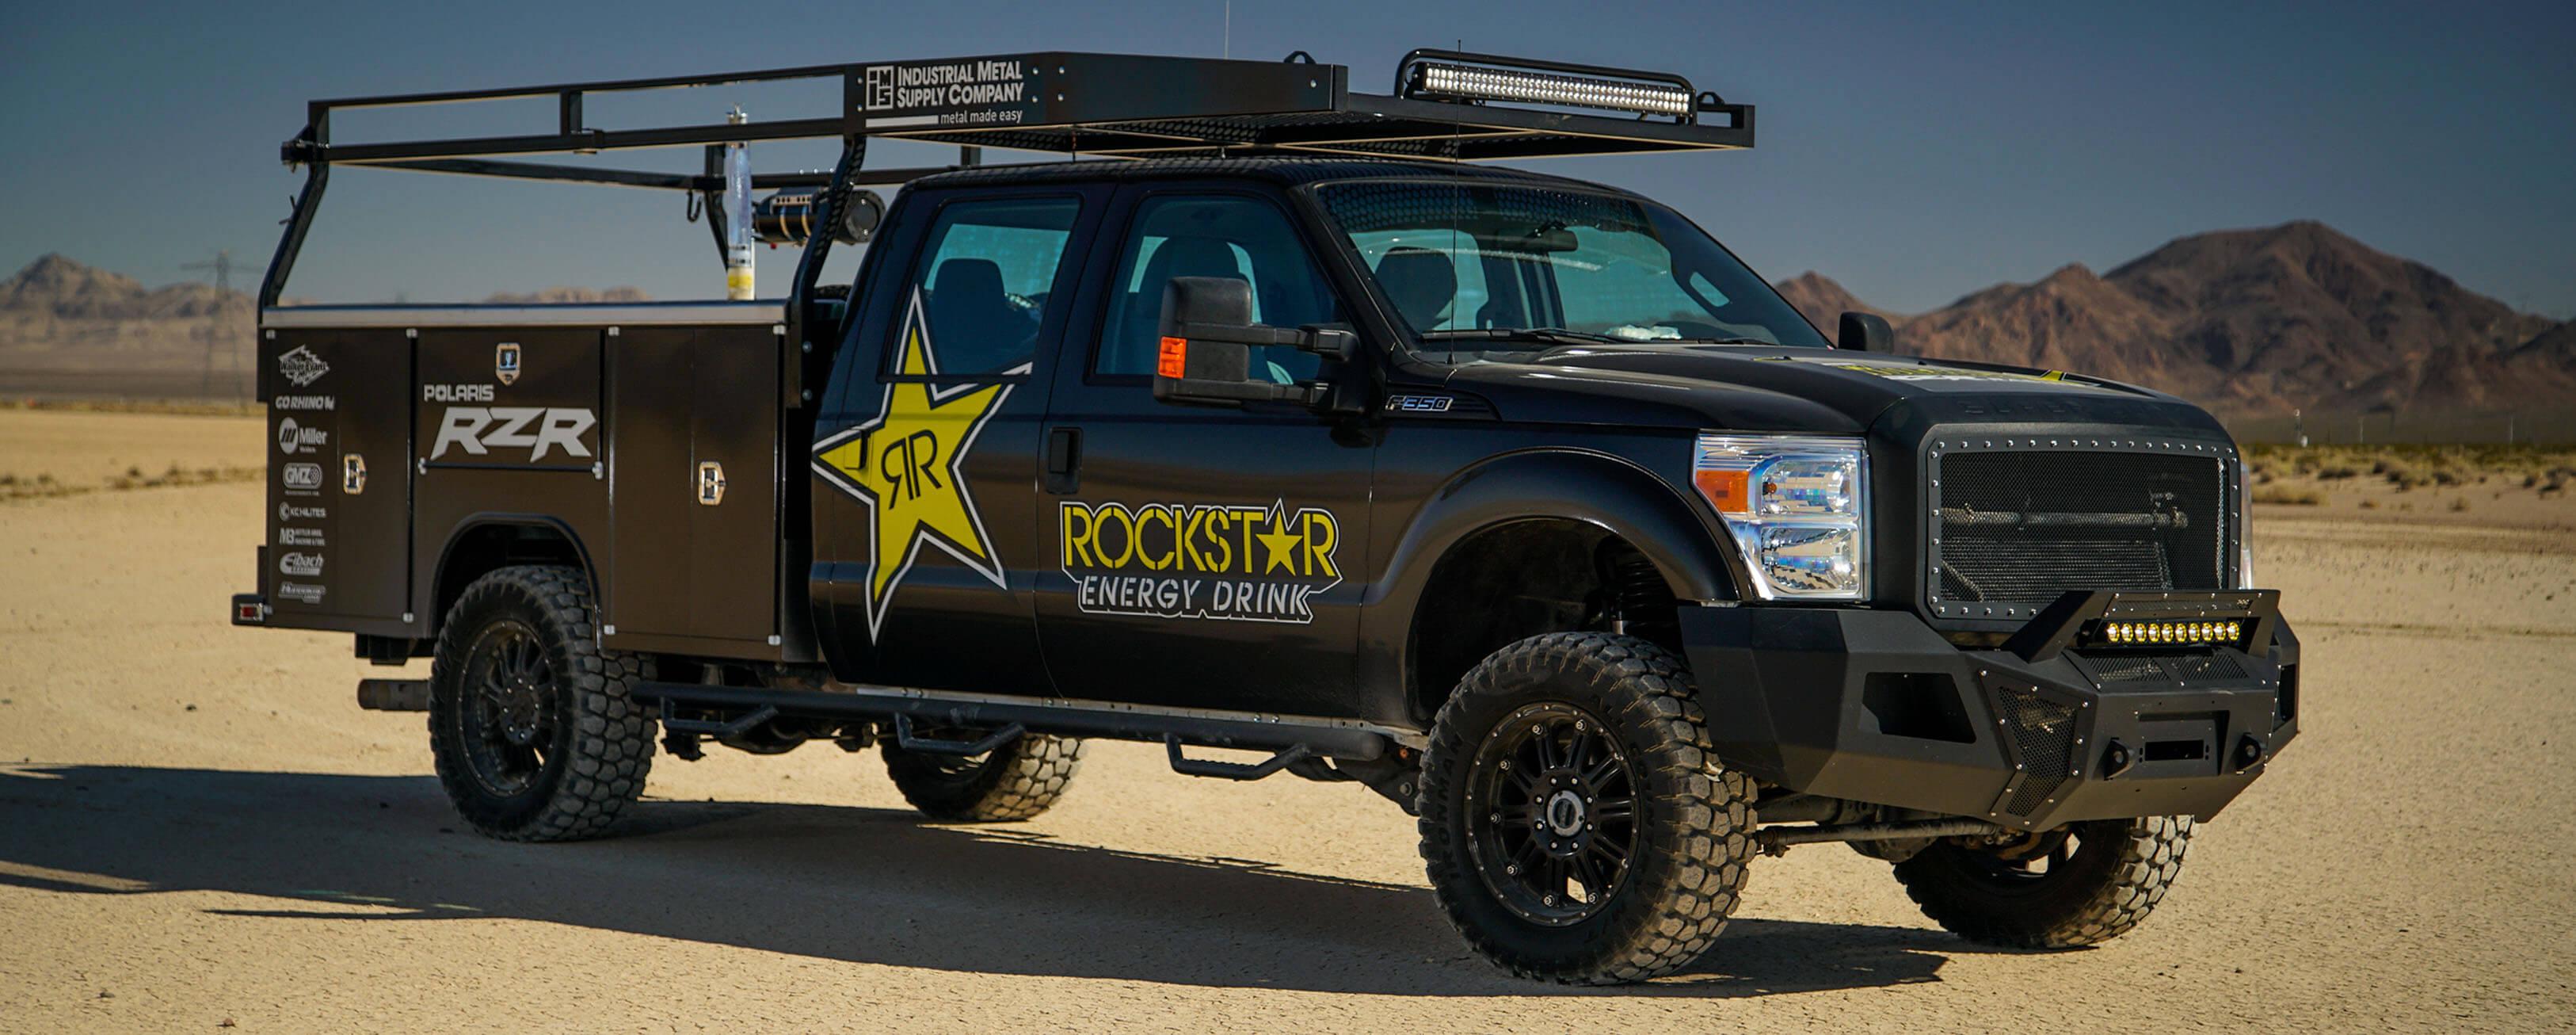 rzr-truck